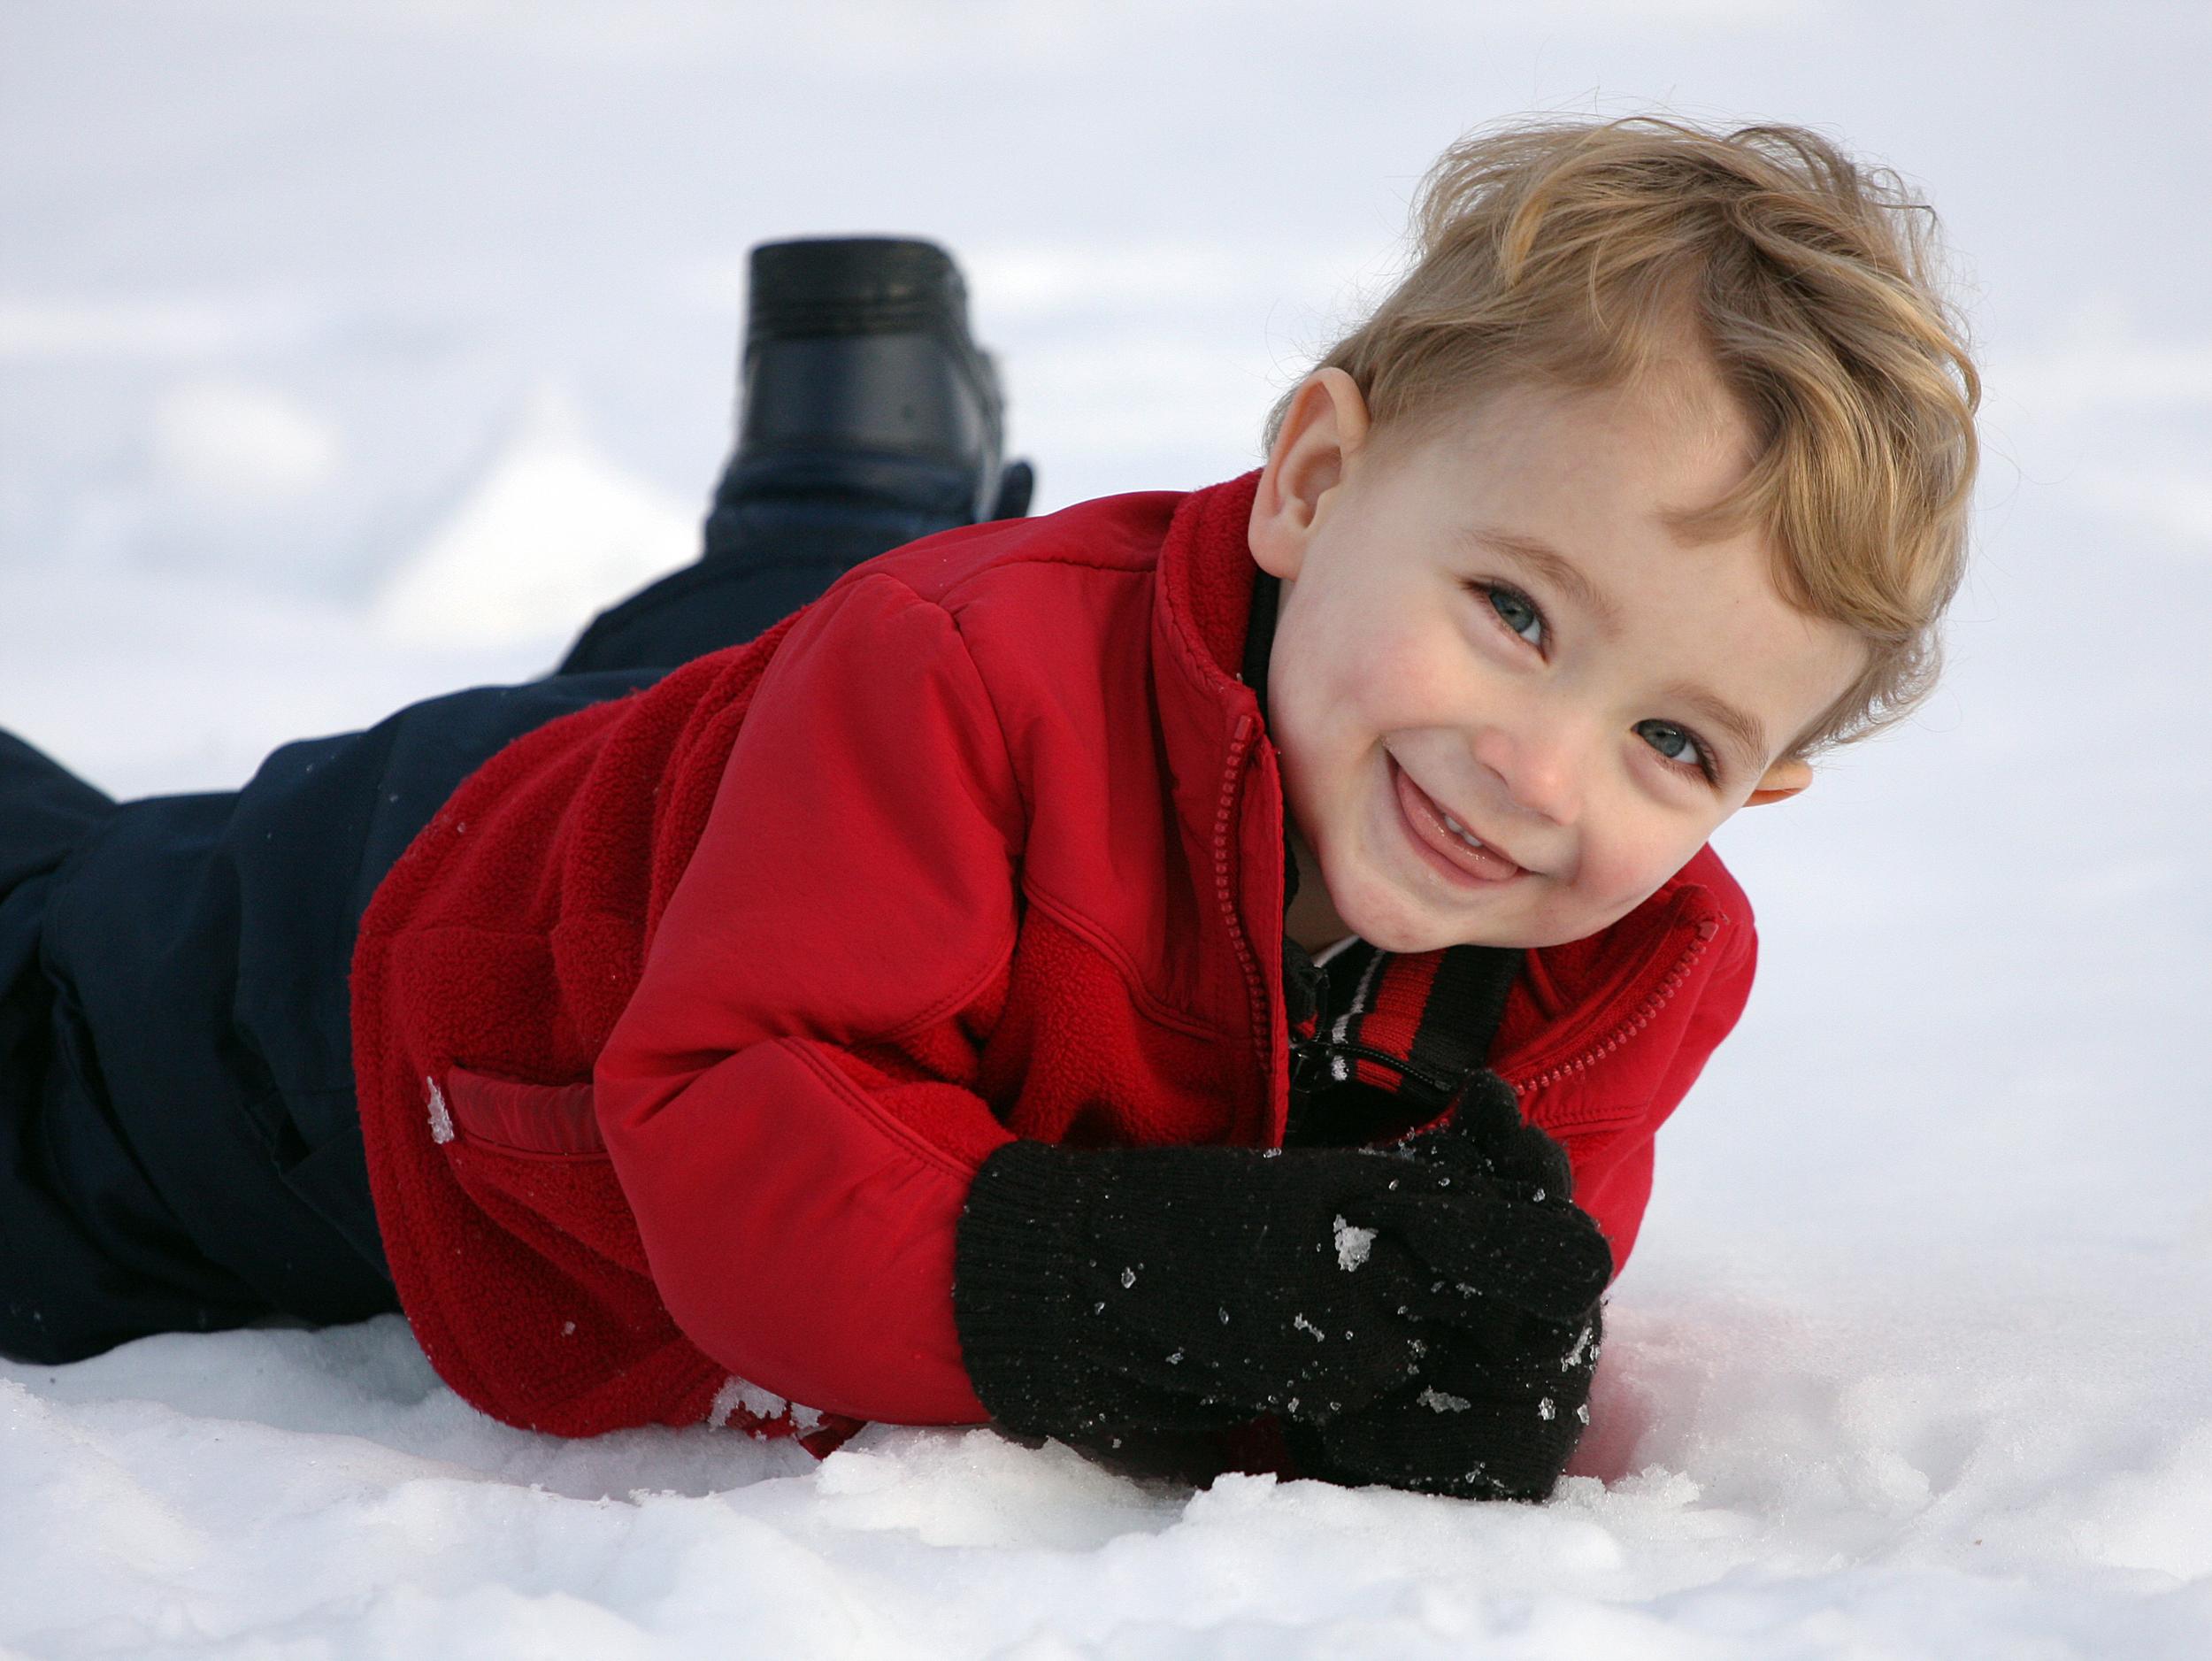 sam_on_snow1.jpg